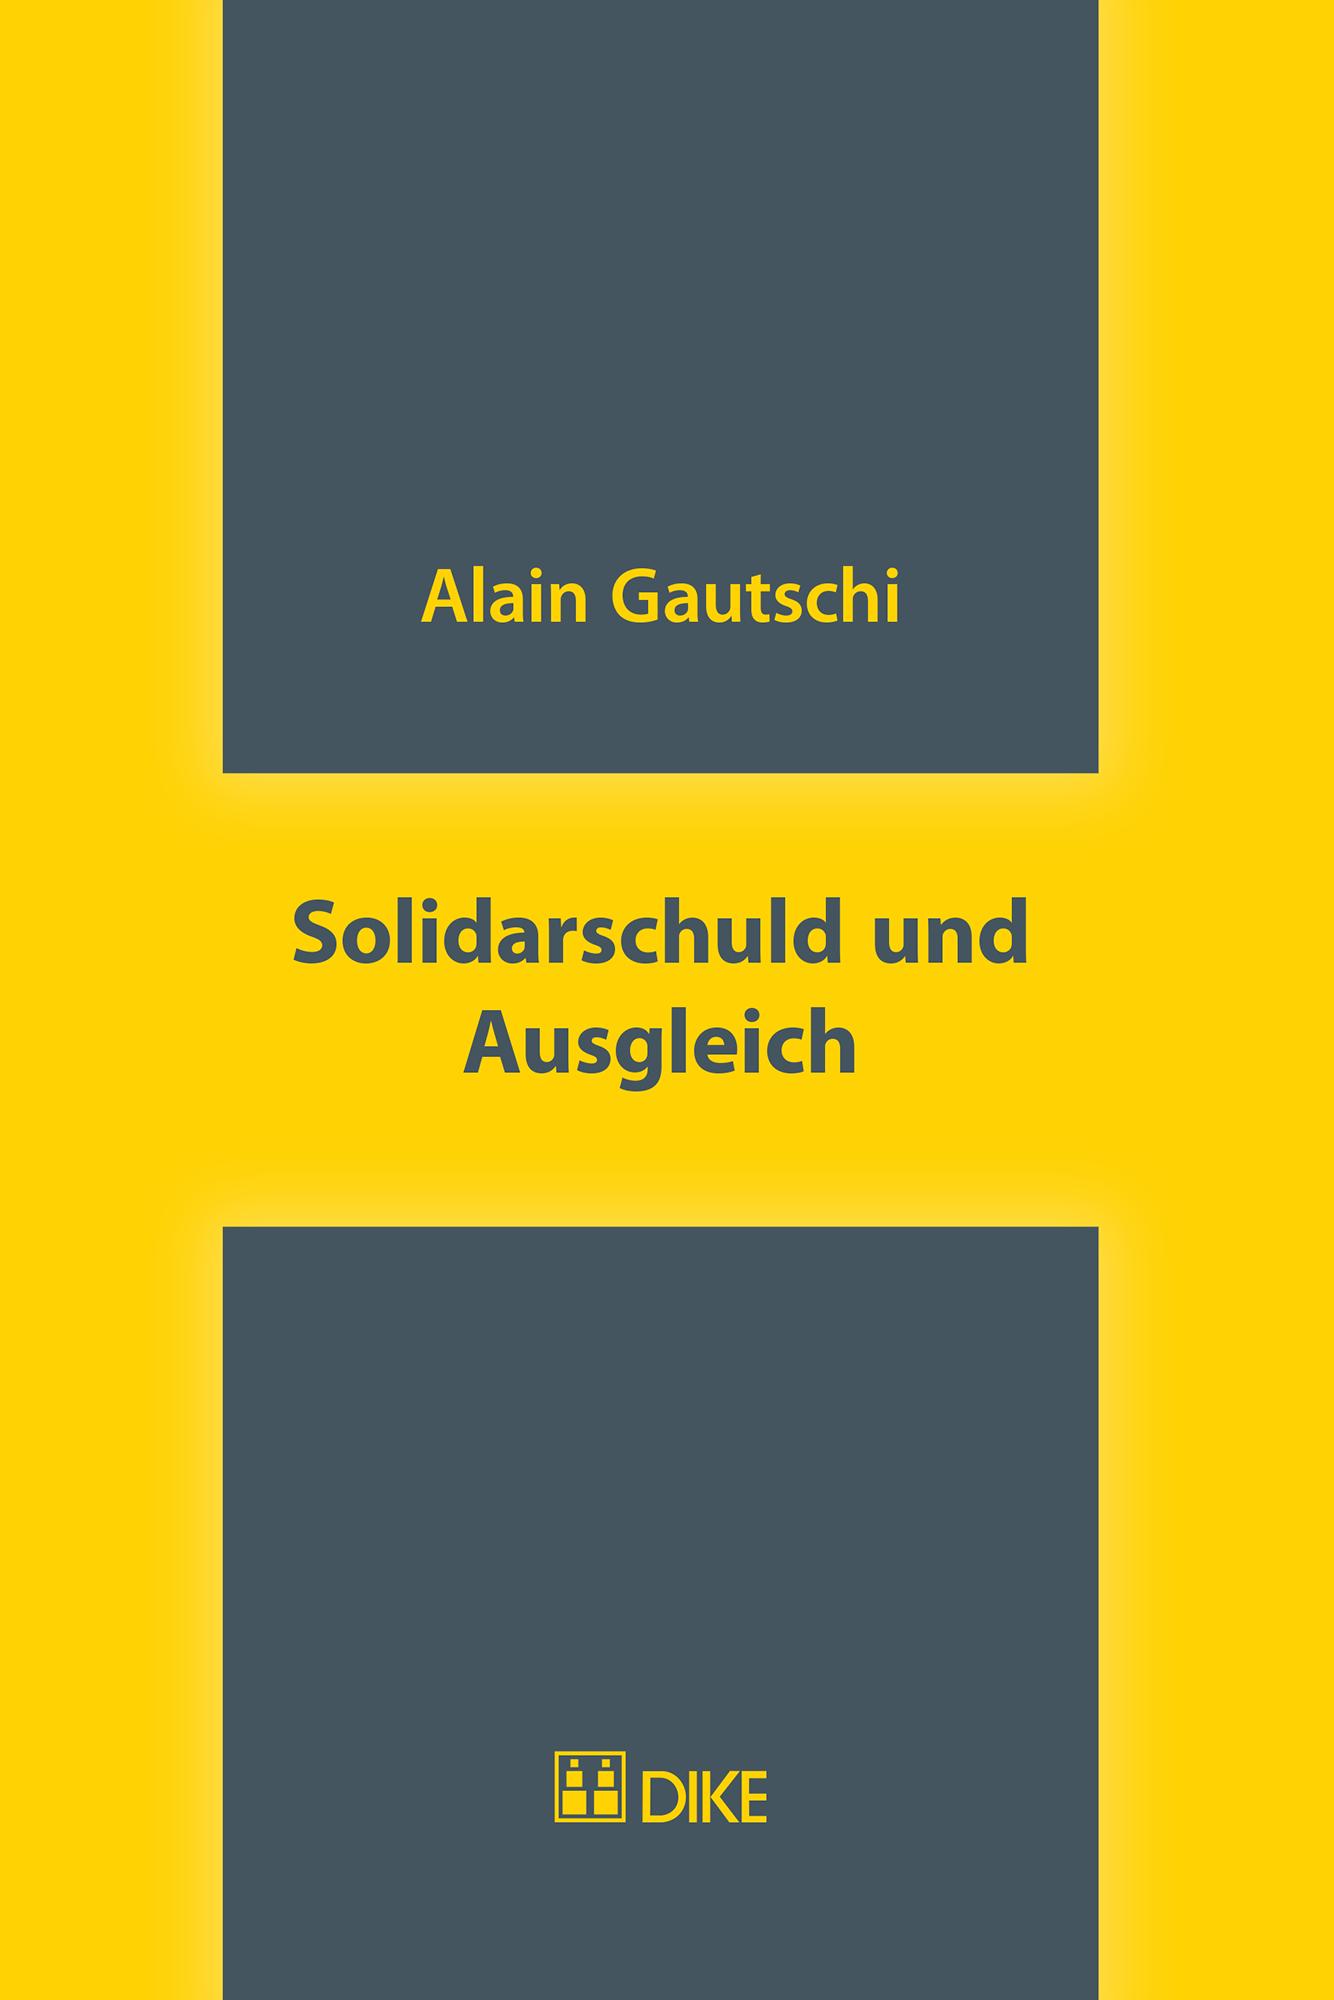 Solidarschuld und Ausgleich